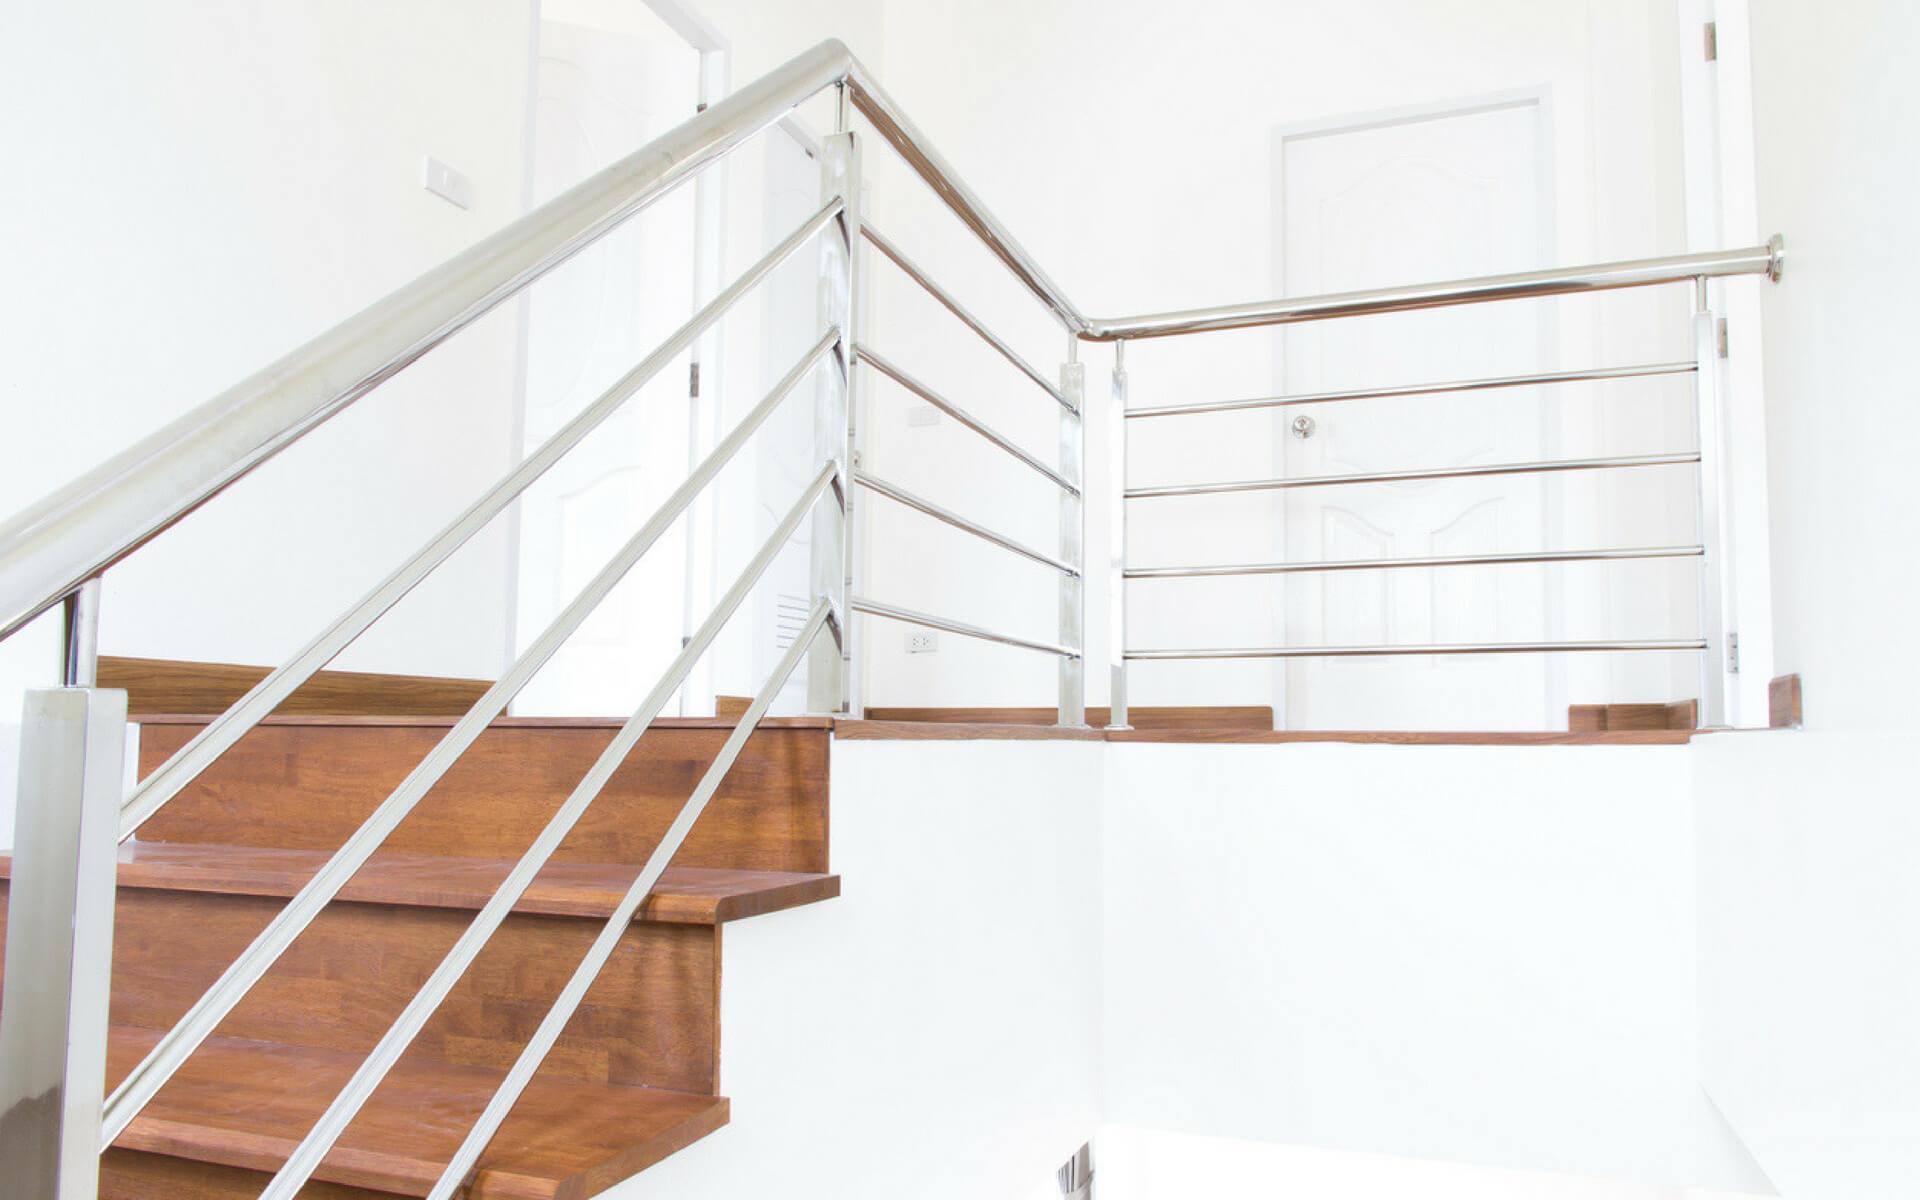 Se volete arredare una casa con uno stile moderno e tecnologico l'acciaio è un materiale perfetto